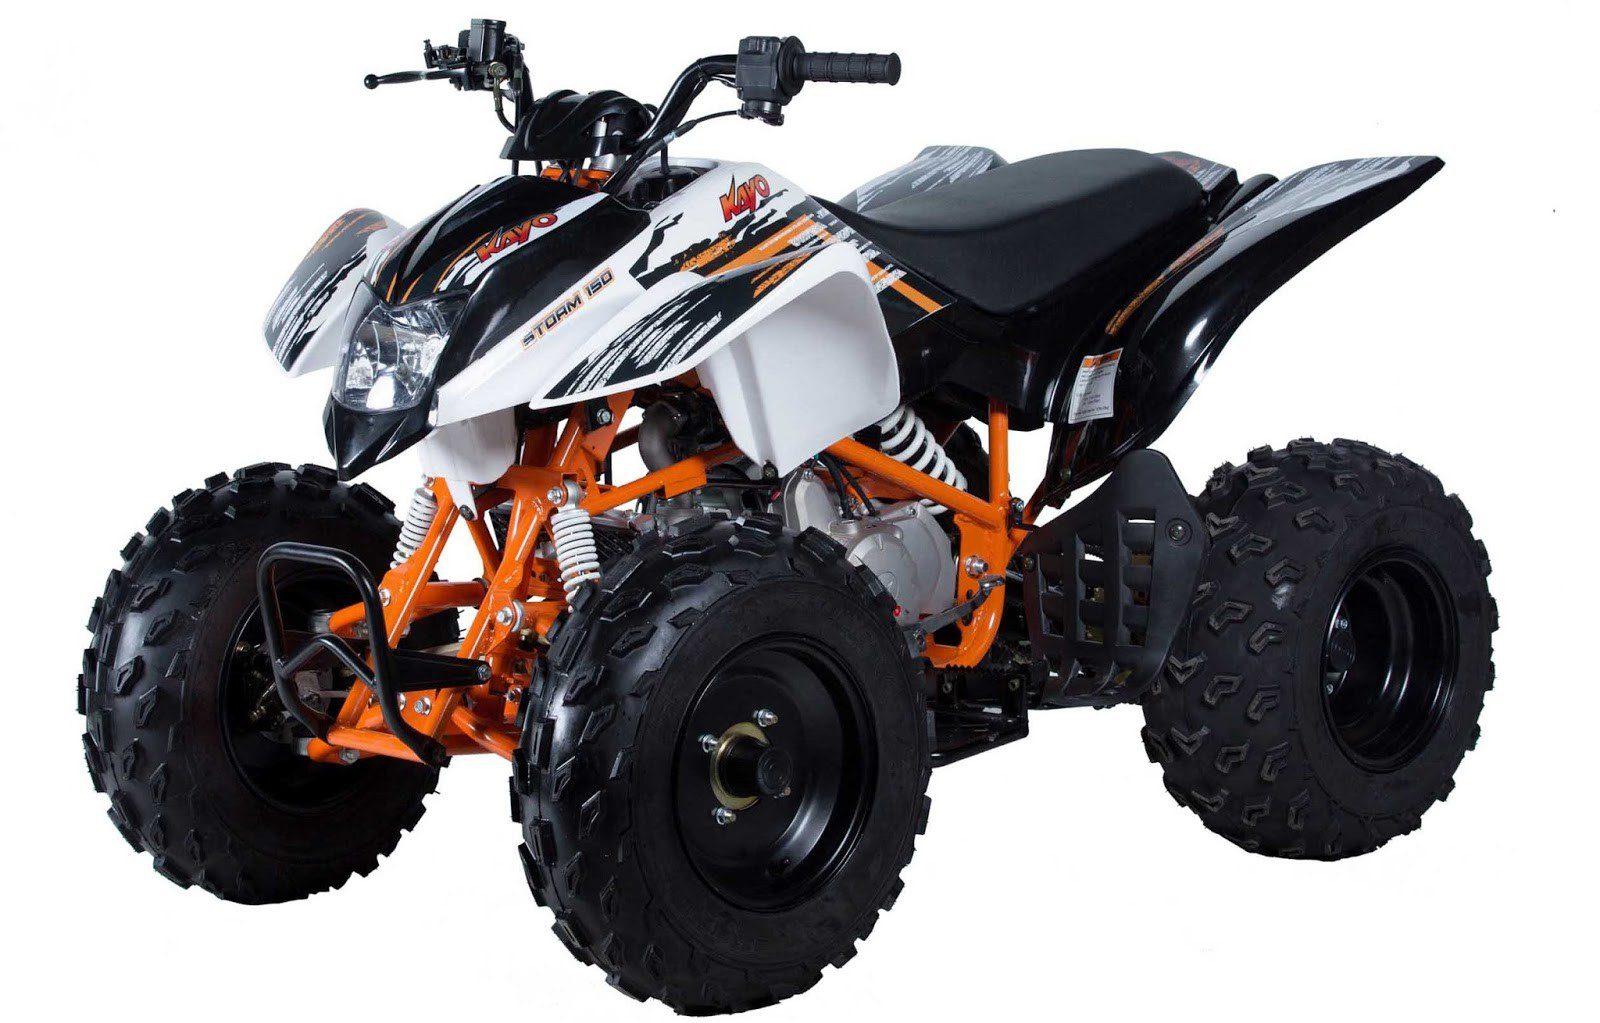 ATV Storm 150